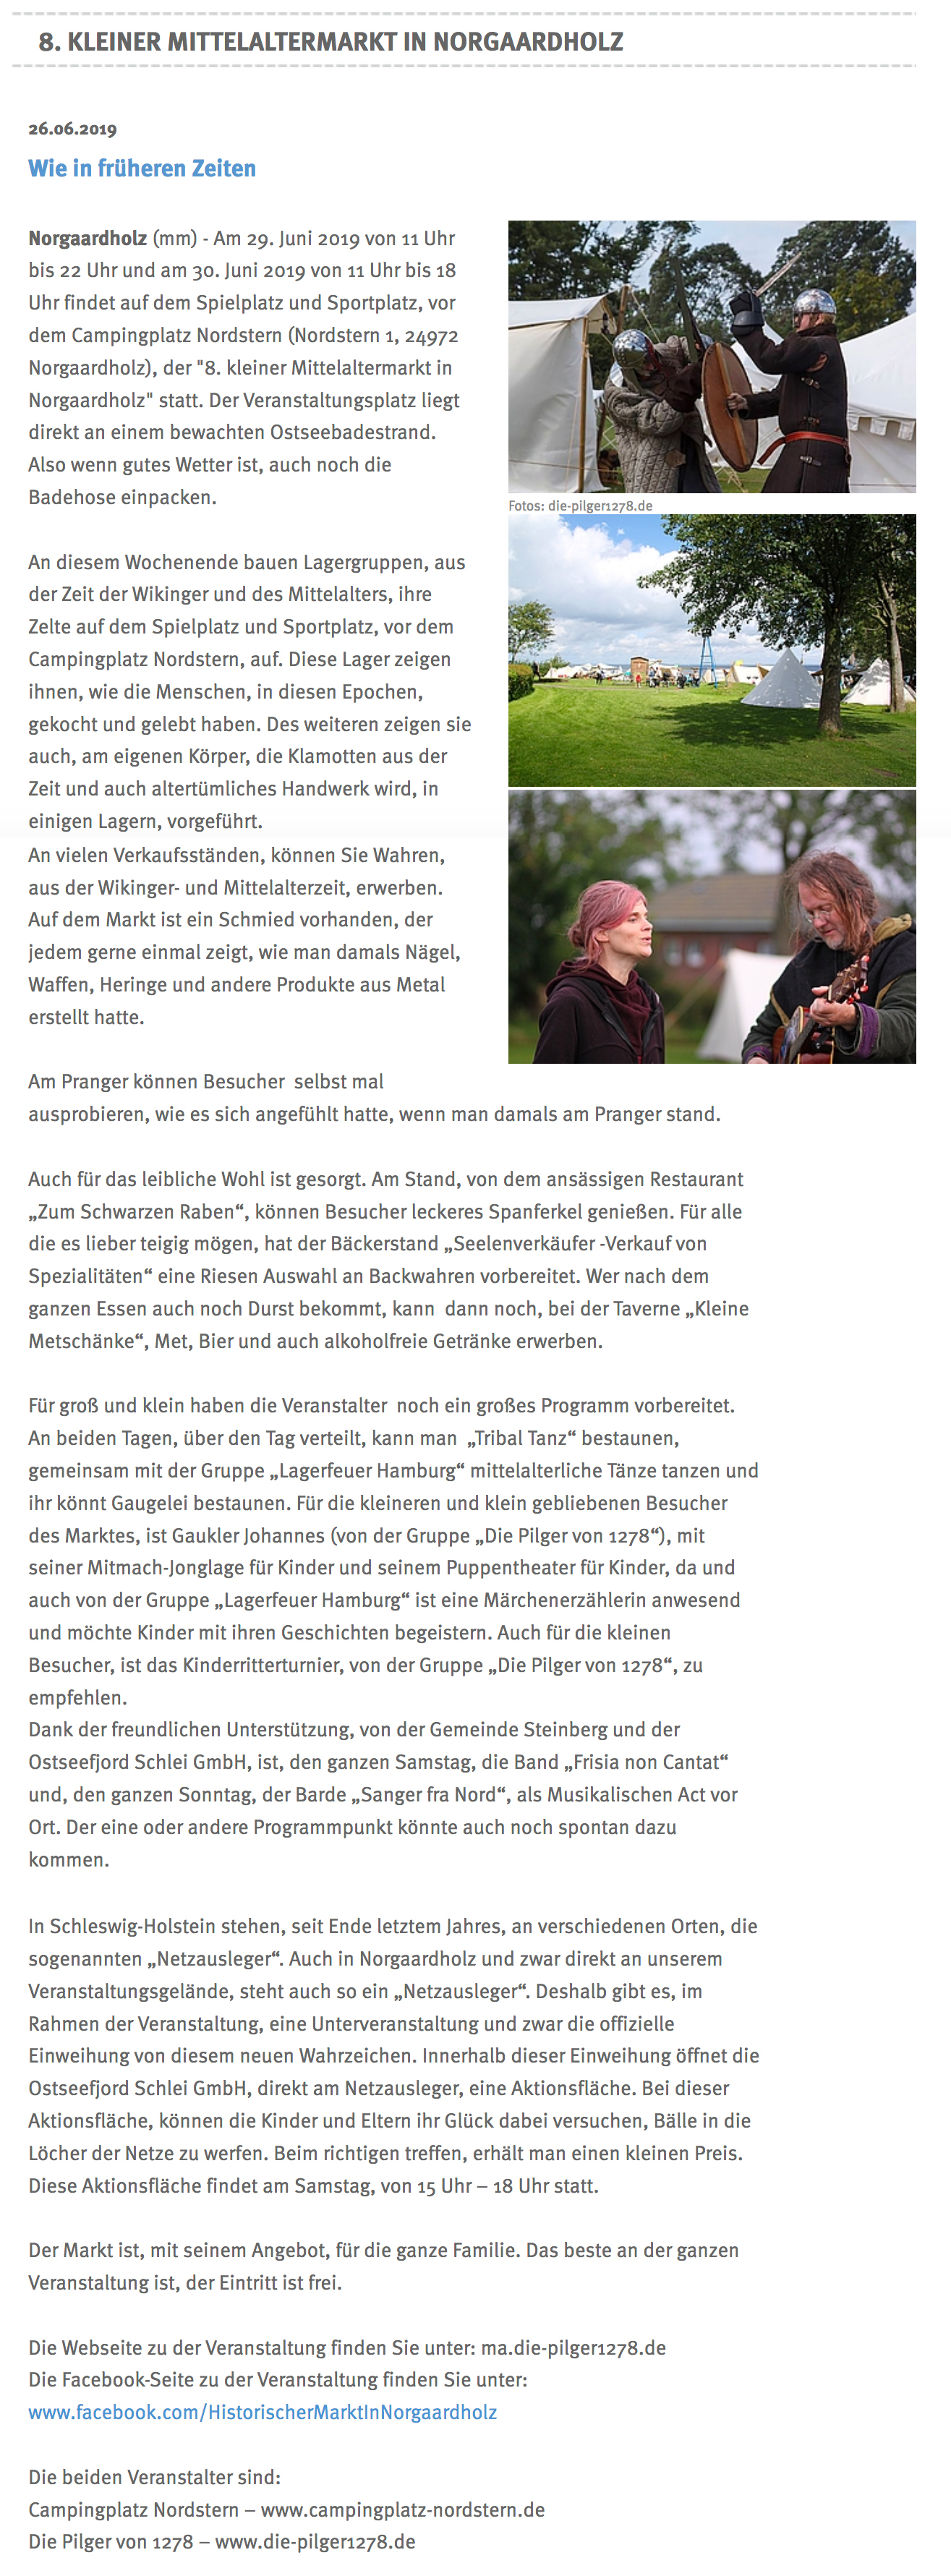 Der '8. kleiner Mittelaltermarkt in Norgaardholz' in der 'Flensburger Tageblatt' vom 26. Juni 2019